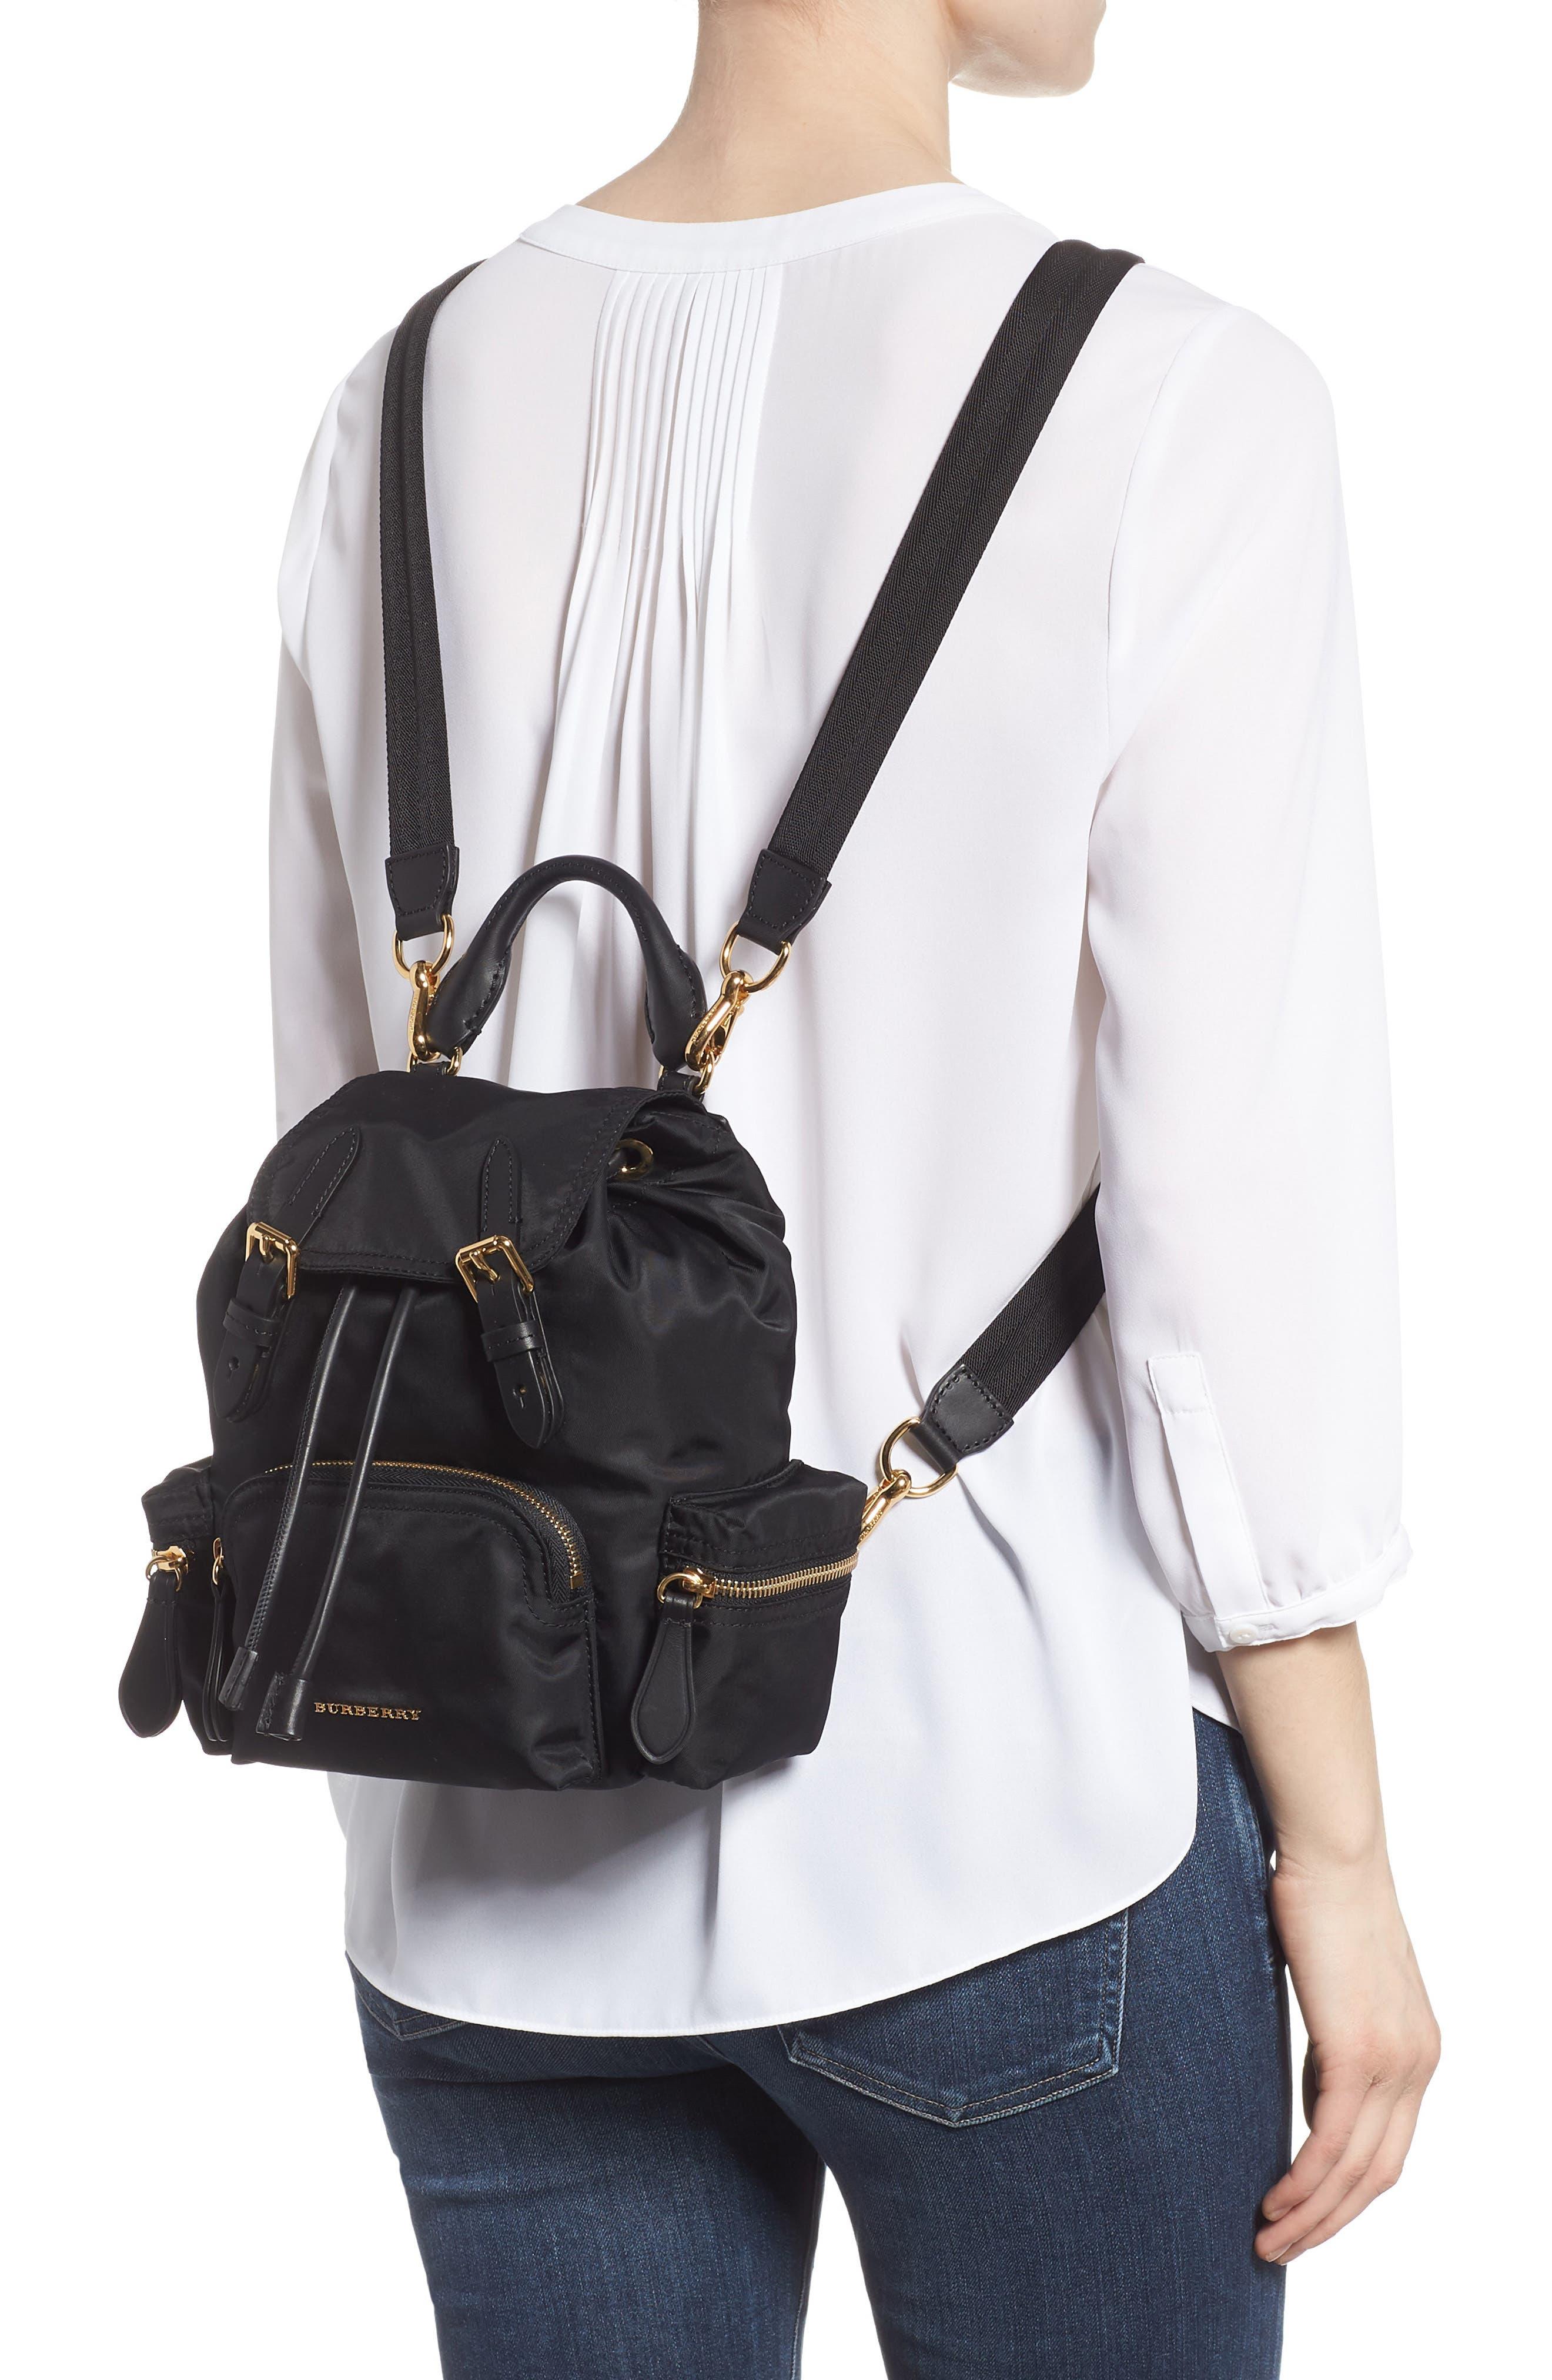 Small Rucksack Nylon Backpack,                             Alternate thumbnail 2, color,                             Black